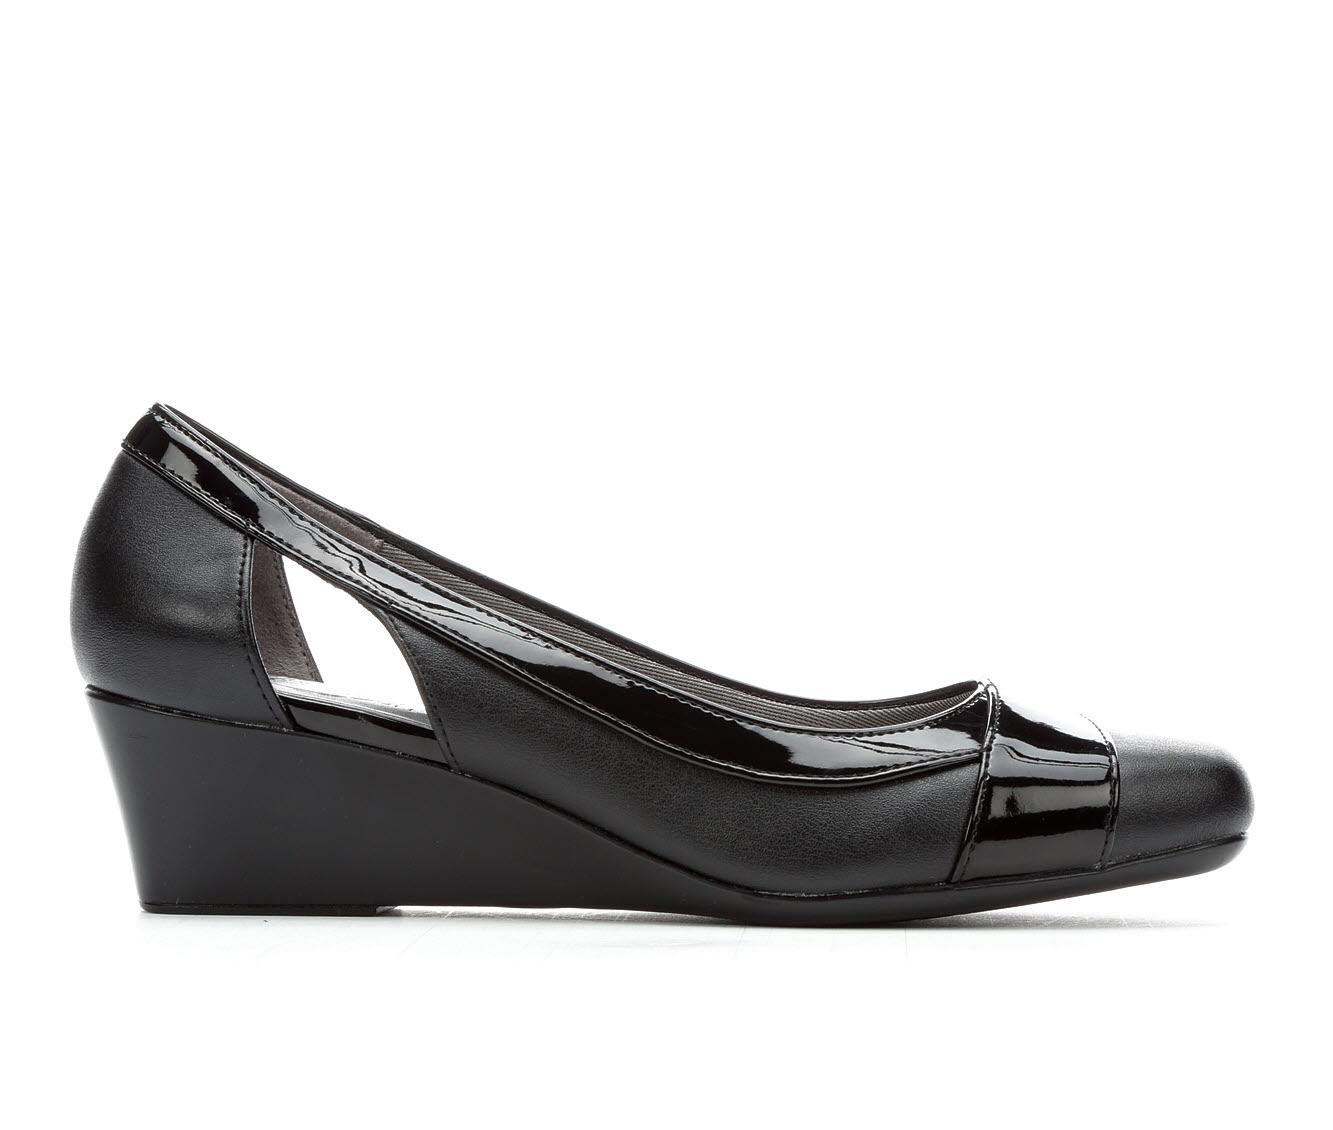 LifeStride Grandeur Women's Dress Shoe (Black PATENT Faux Leather)